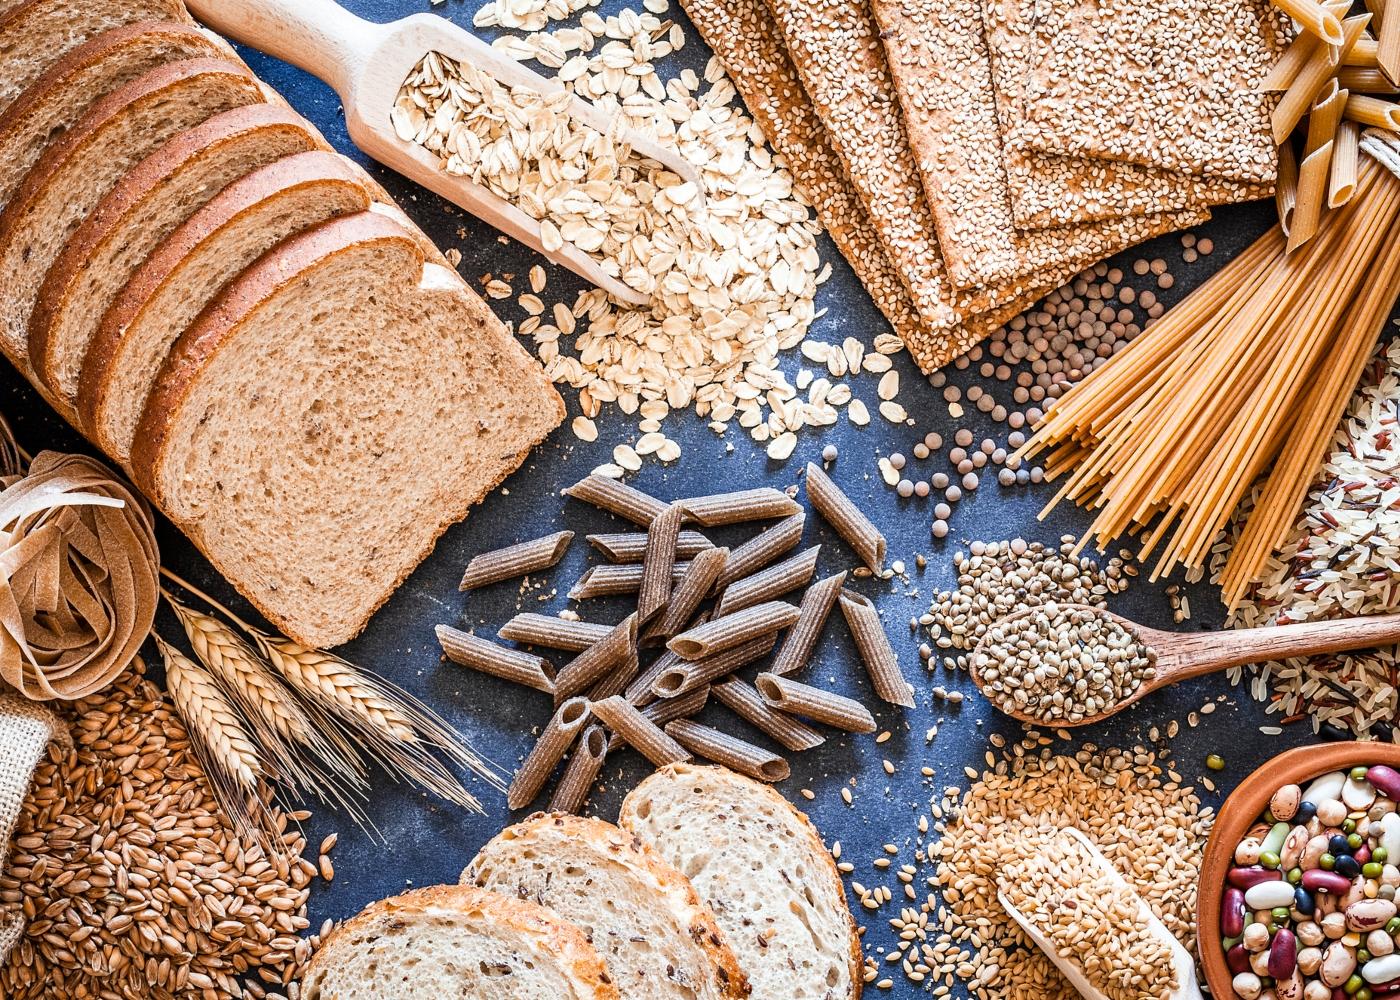 Variedade de alimentos ricos em cereais